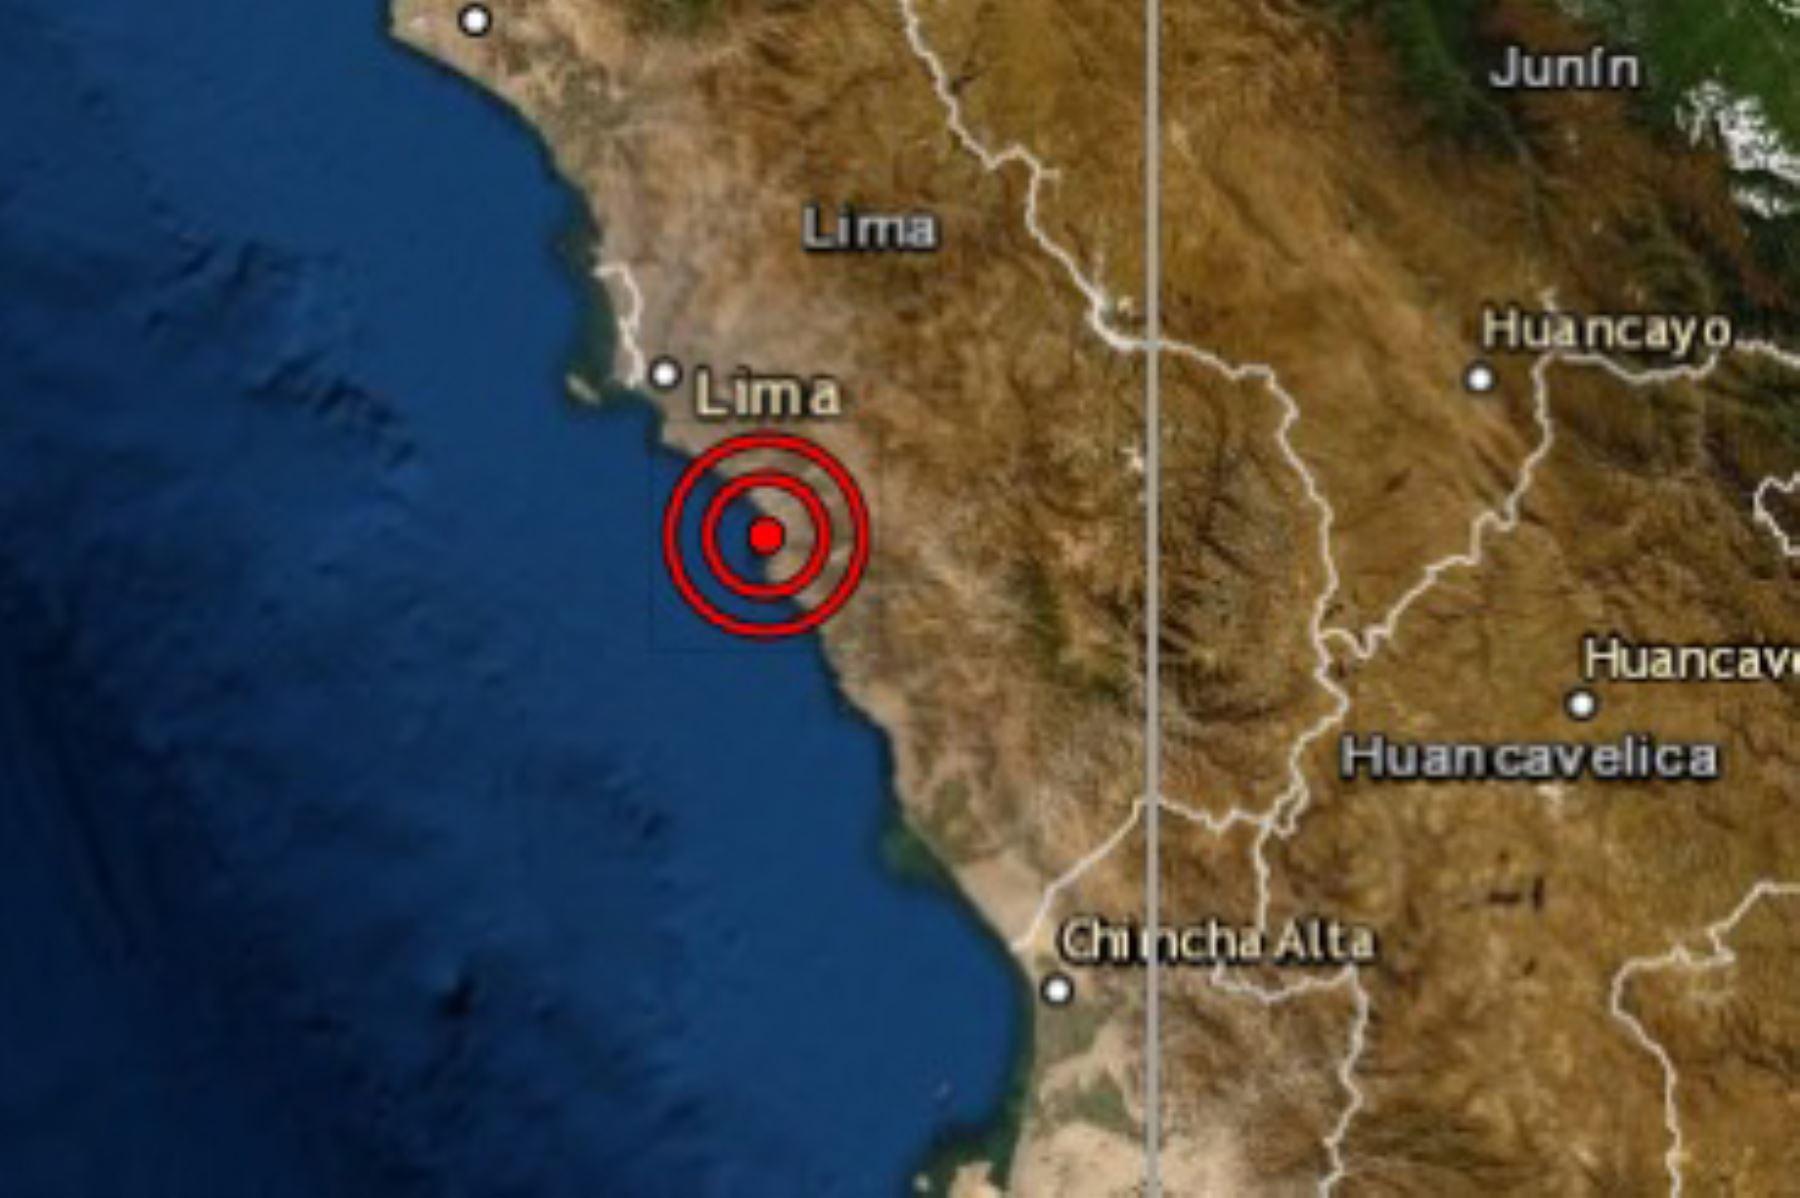 La provincia de Cañete fue remecida esta mañana por un sismo de magnitud 3.4 informó el Centro Sismológico Nacional del Instituto Geofísico del Perú (IGP). Foto: ANDINA/difusión.